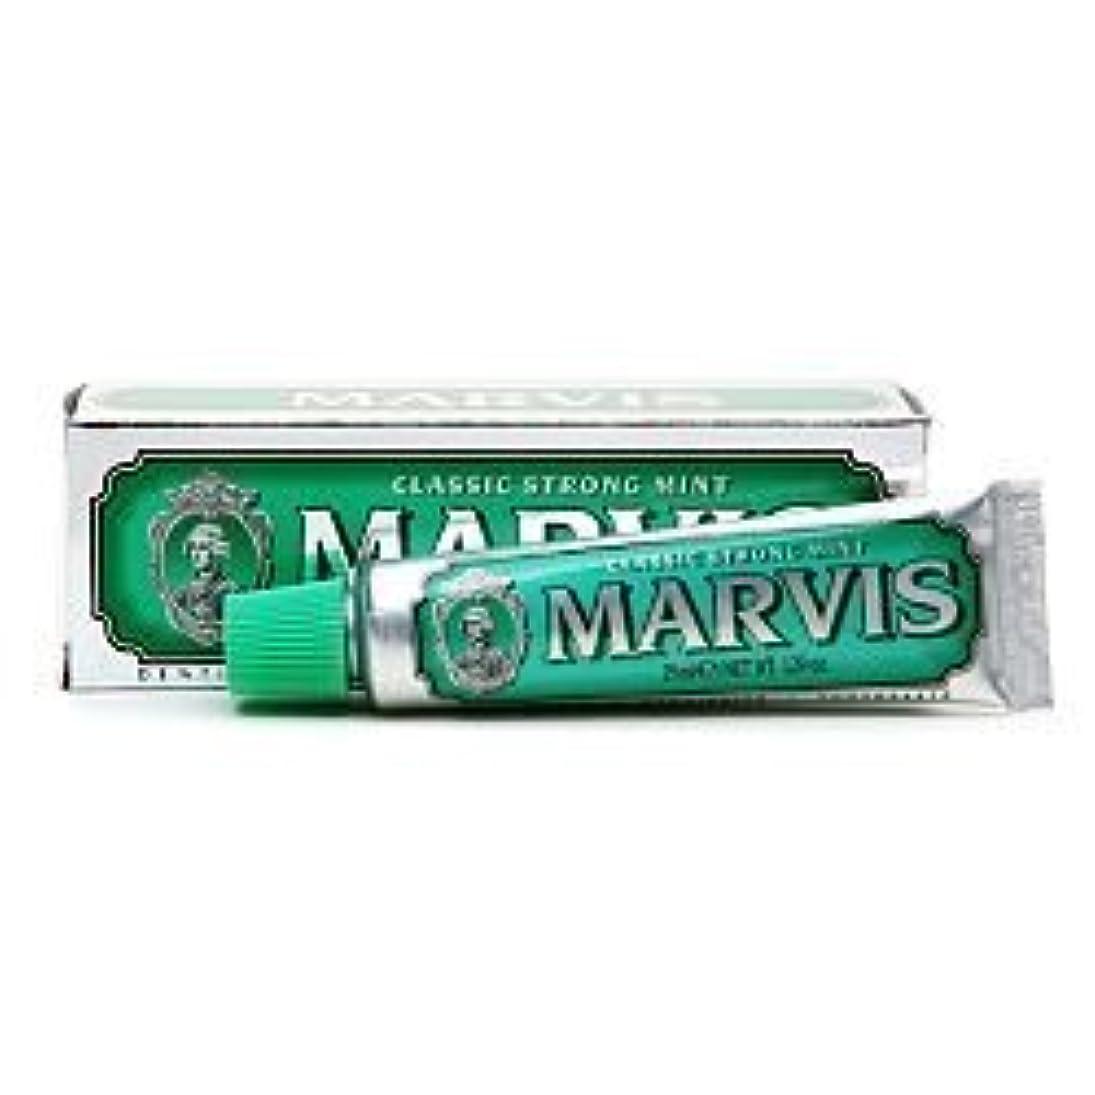 おじいちゃんパンチアナニバーMarvis Travel Sized Toothpaste, Classic Strong Mint 1.29 oz (25 ml) (Qunatity of 4) by Marvis [並行輸入品]